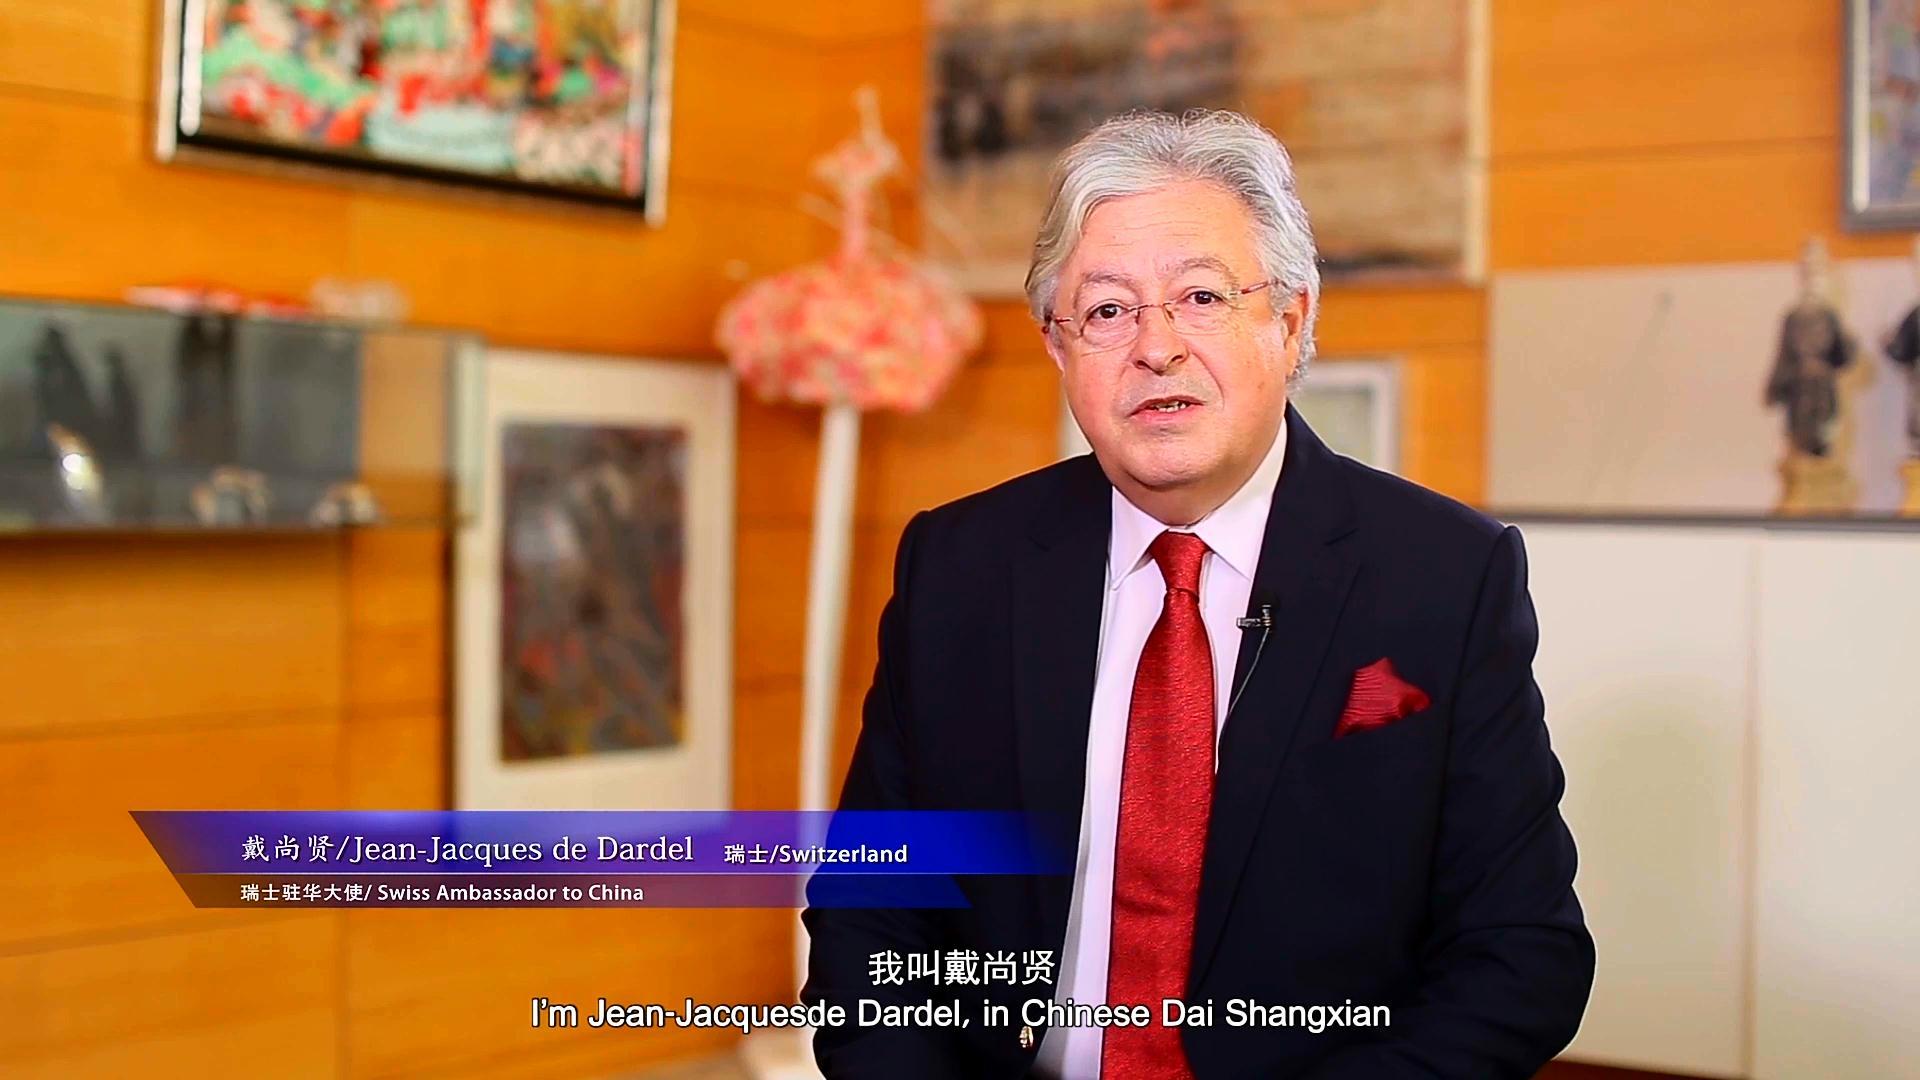 Understanding China from understanding Beijing